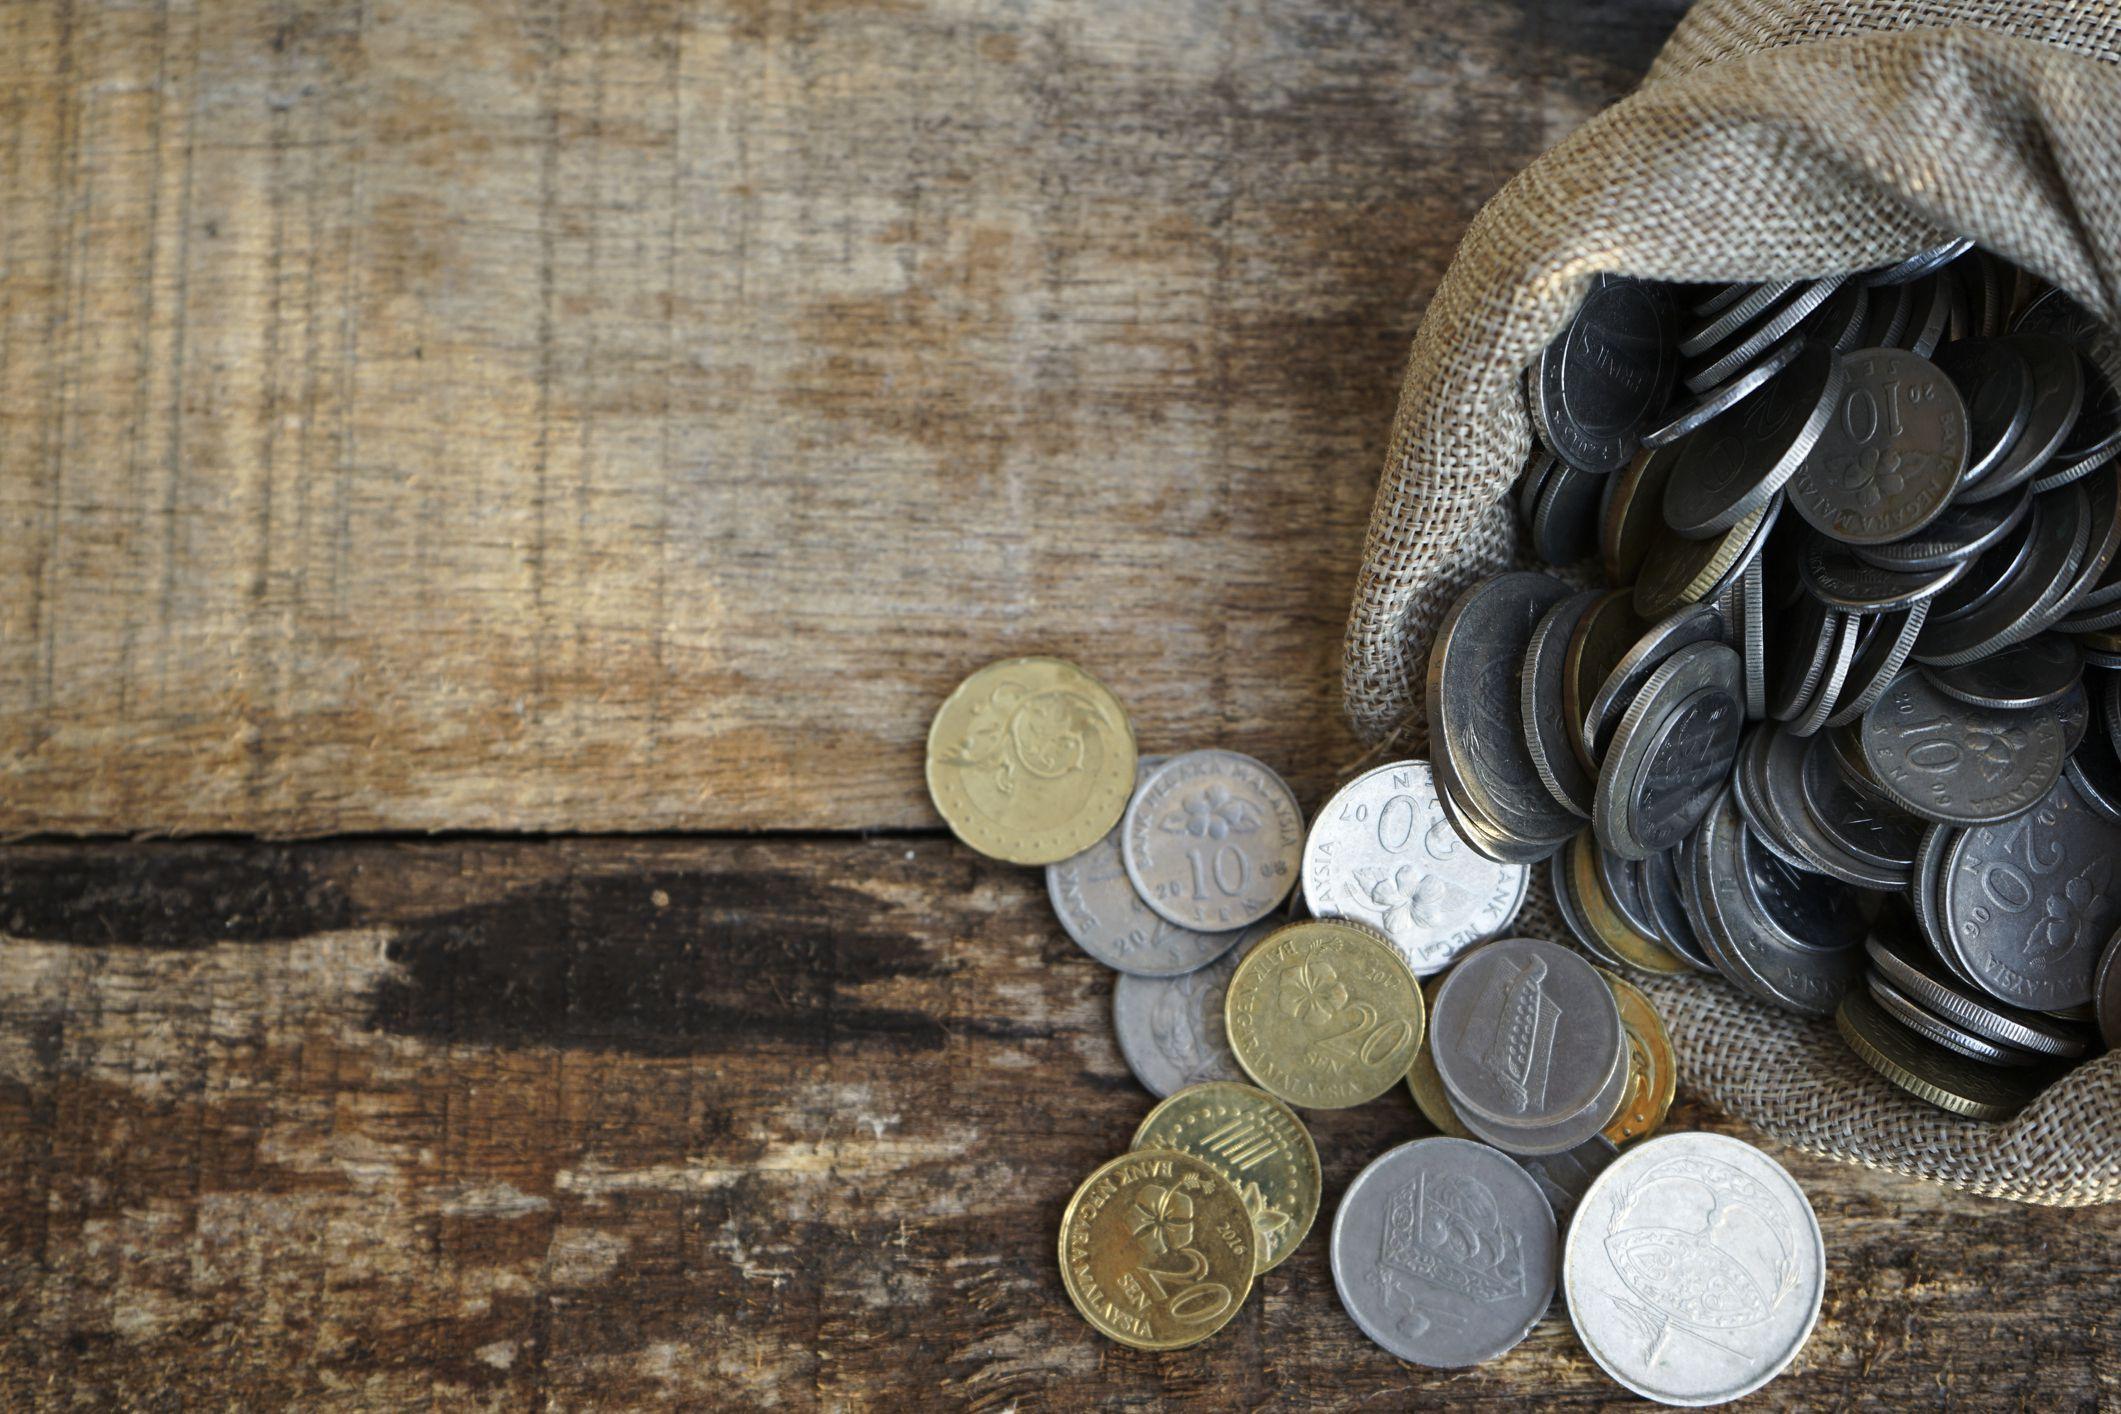 Coins Macon Rare Coins Larry Jackson Numismatics Larry Jackson Numismatics Gold And Silver Coins Silver Coins Rare Coins